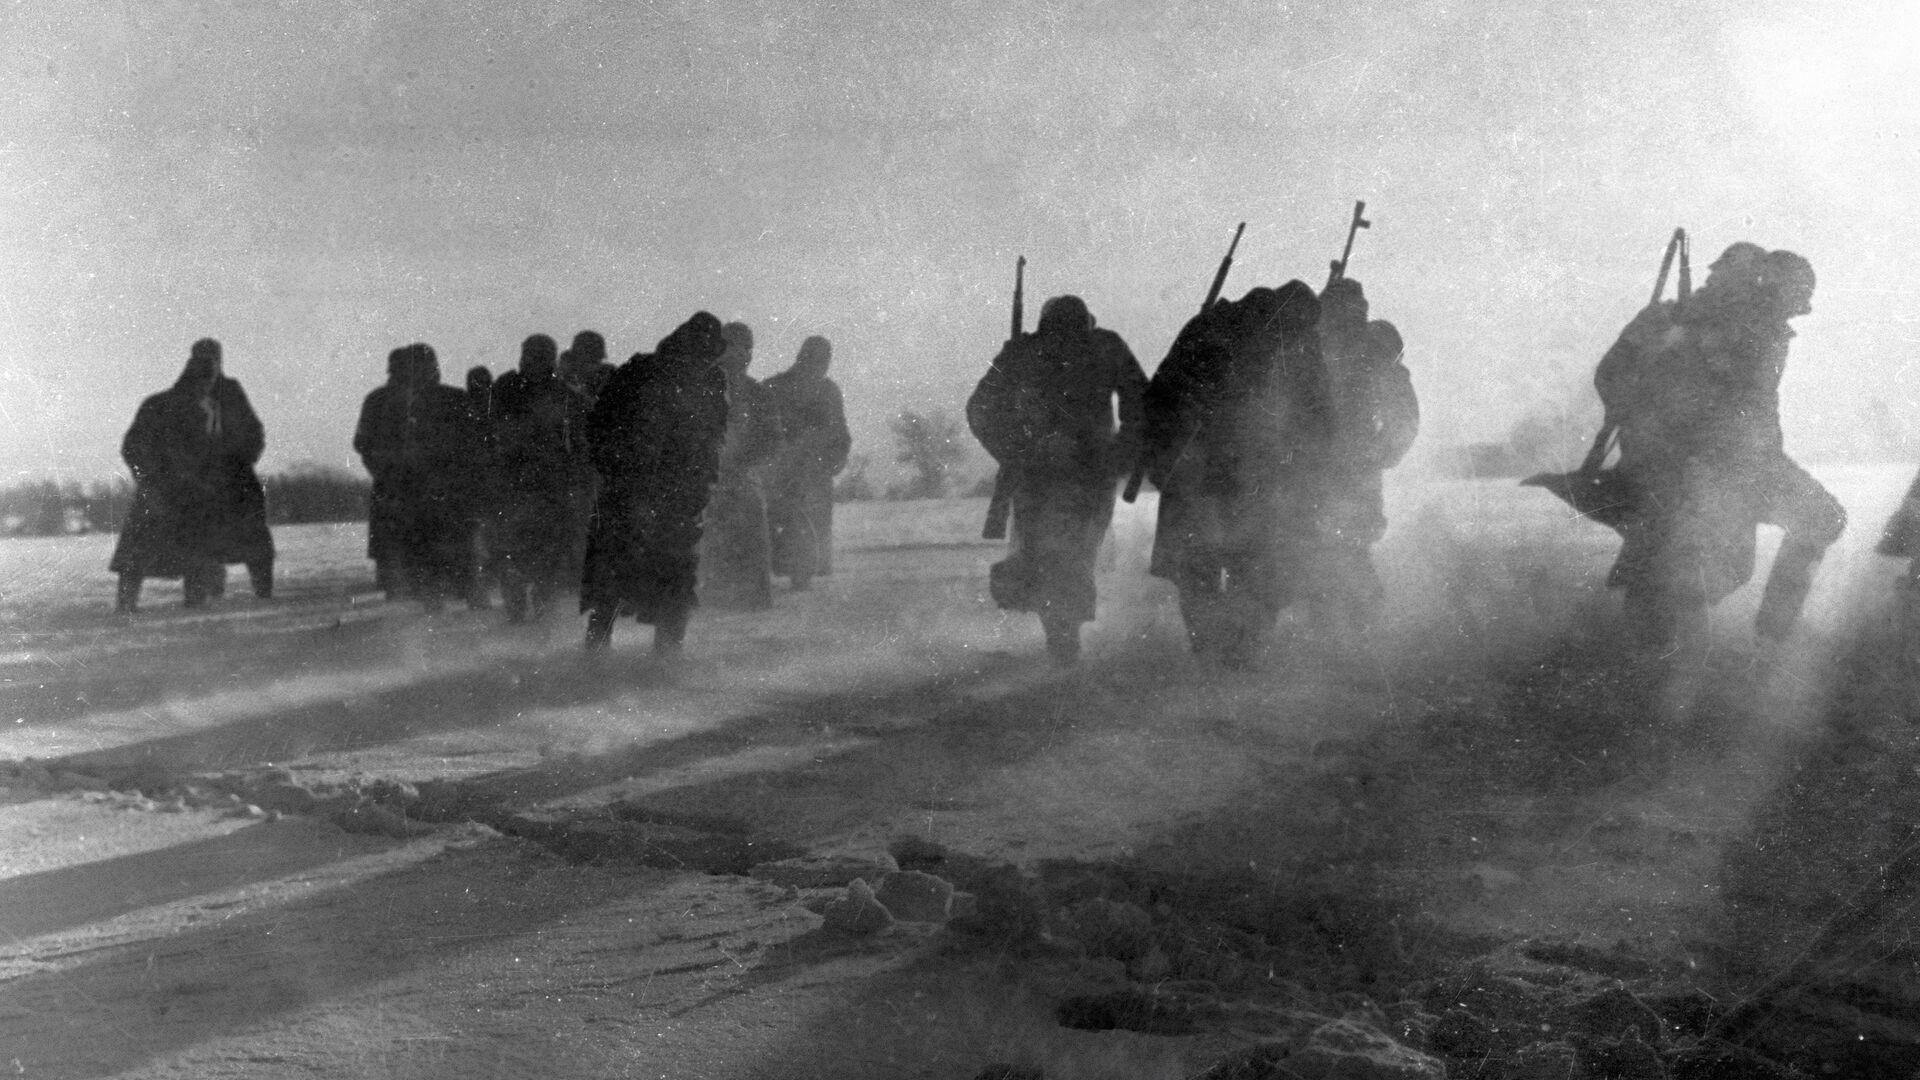 Солдаты разбитой гитлеровской воинской части, окруженные под Москвой, сдаются в плен. 1941 год  - РИА Новости, 1920, 06.02.2020